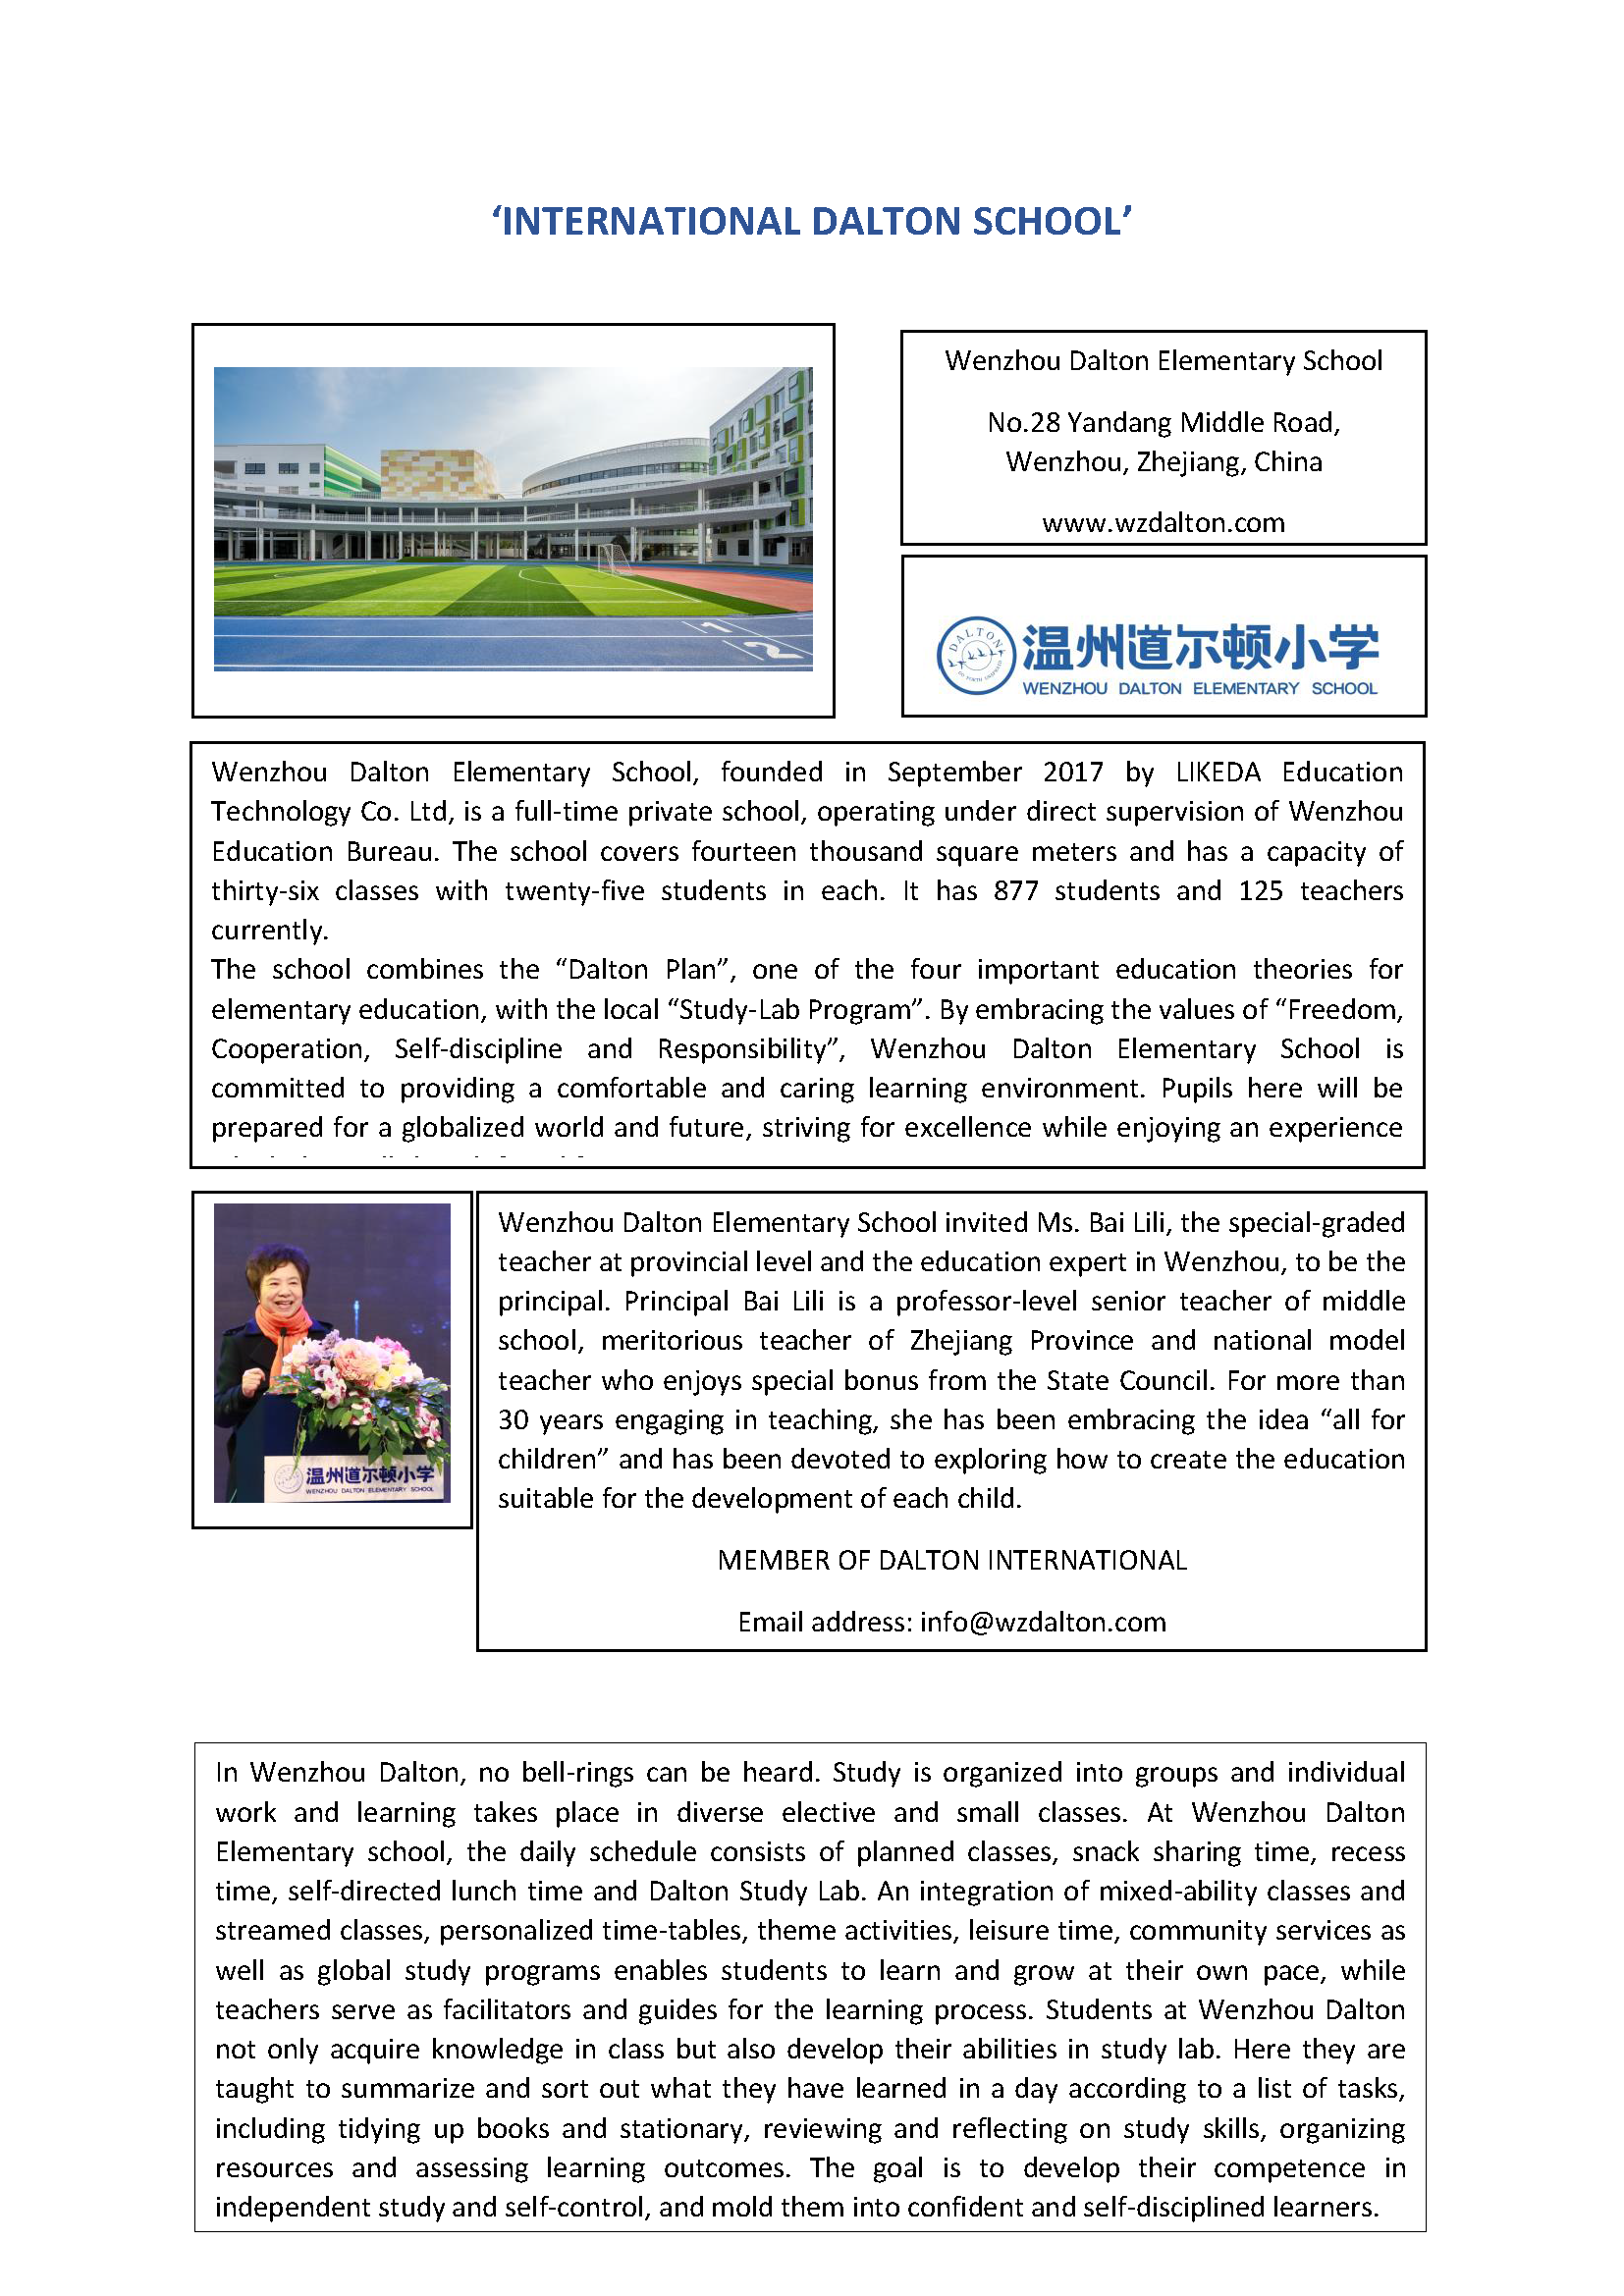 Wenzhou SCHOOL AS 'INTERNATIONAL DALTON SCHOOL'